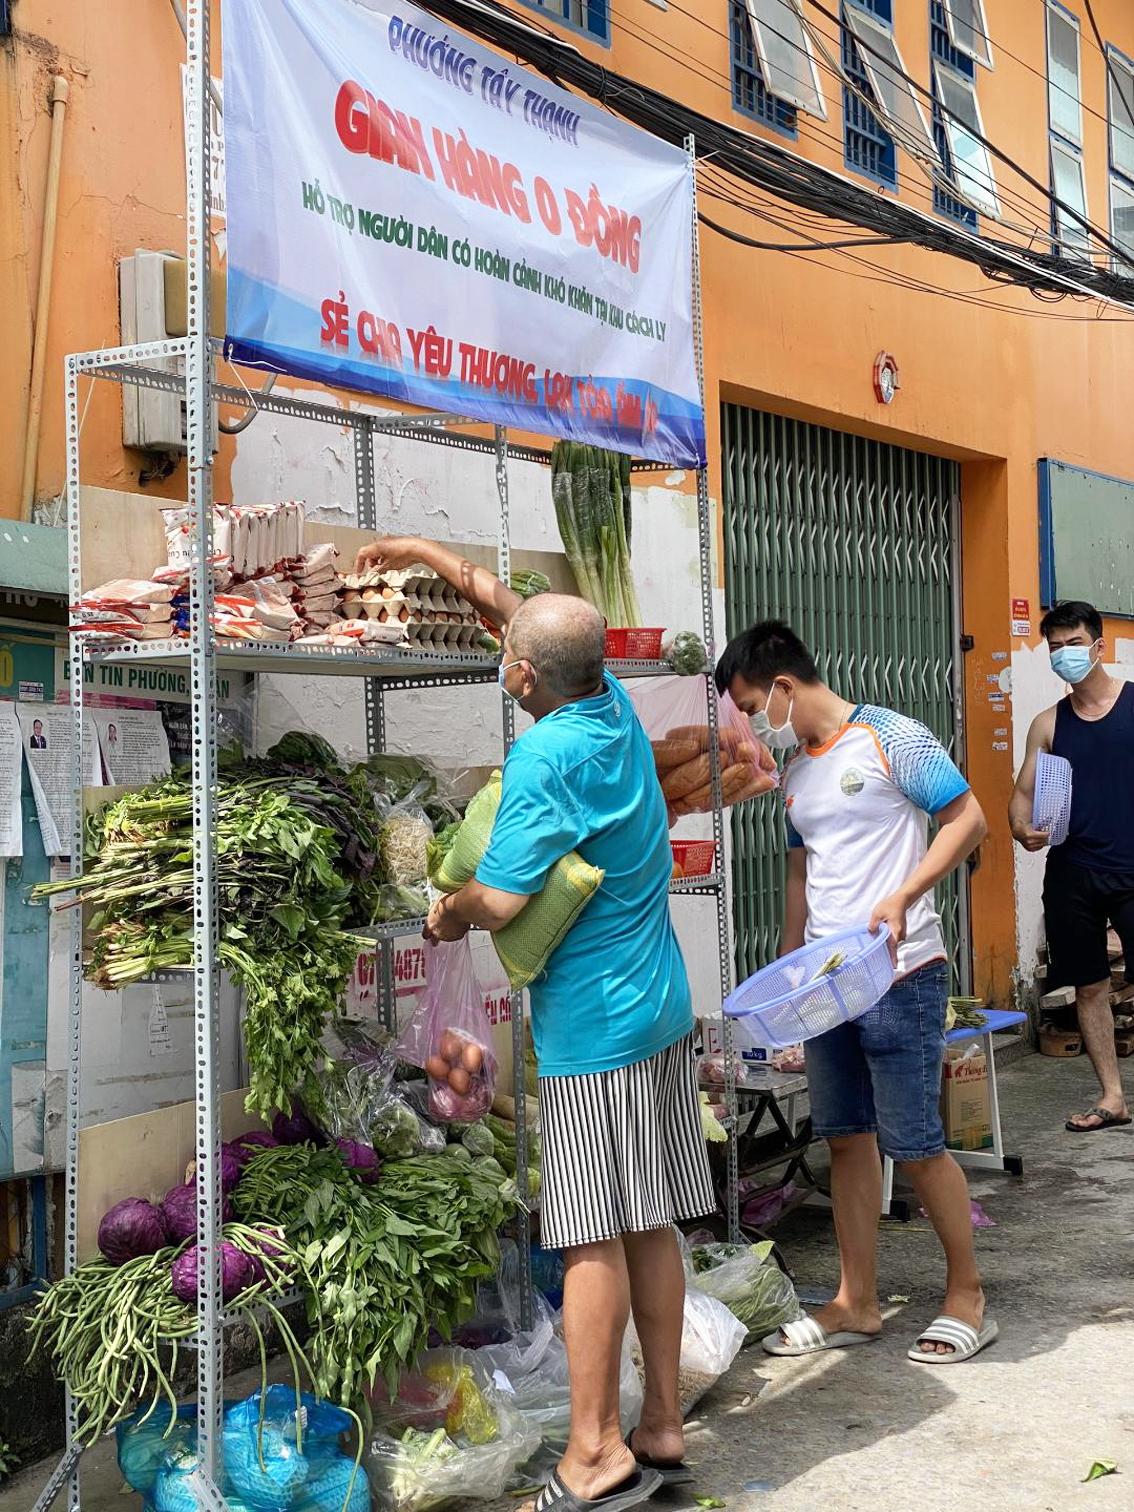 """Người dân đến lựa chọn thực phẩm tại """"gian hàng 0 đồng"""" hẻm Tân Thành, P.Hòa Thạnh, Q.Tân Phú"""